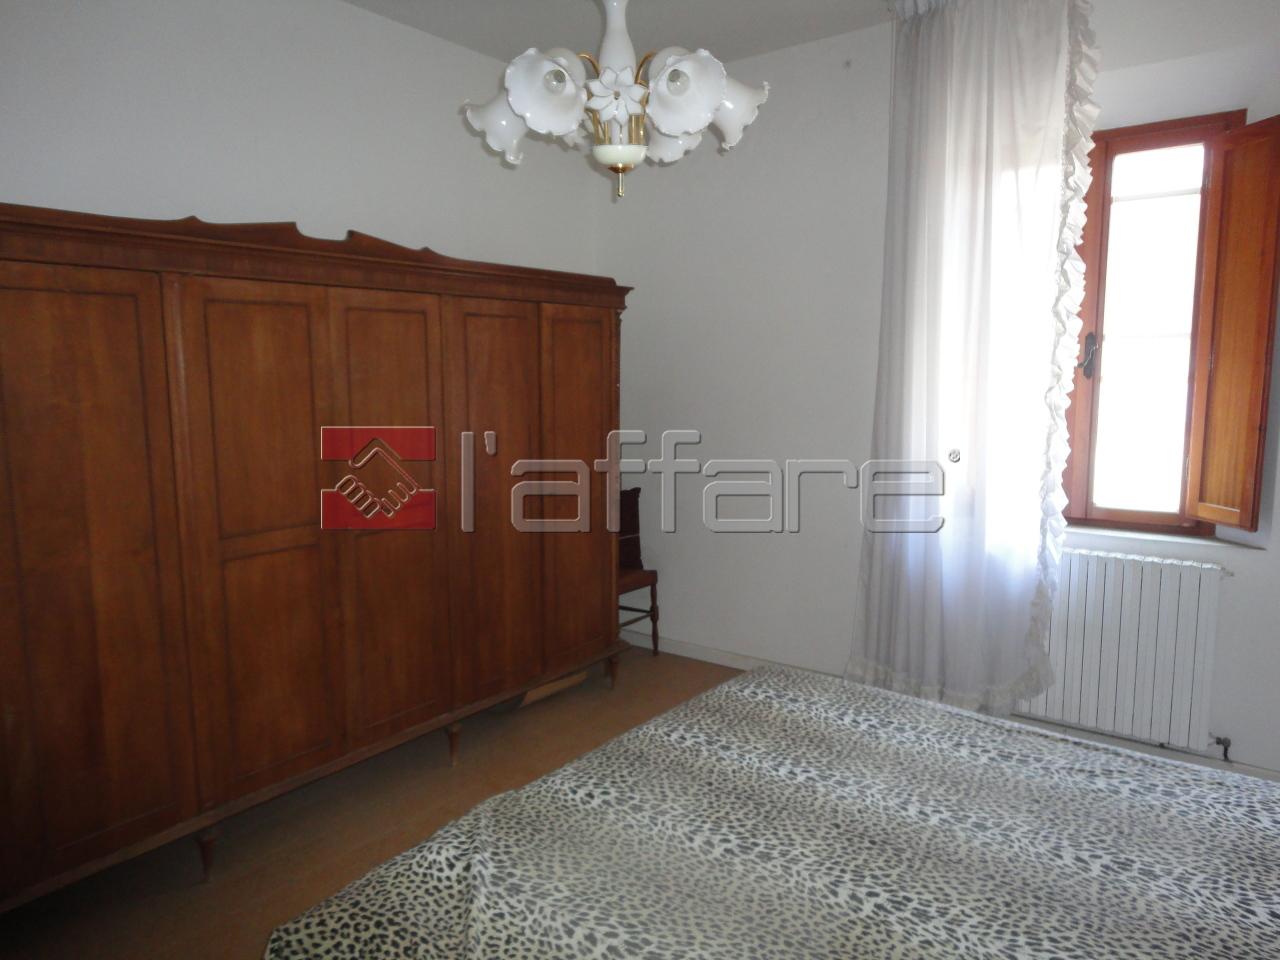 Appartamento in affitto a Terricciola, 2 locali, prezzo € 300 | CambioCasa.it